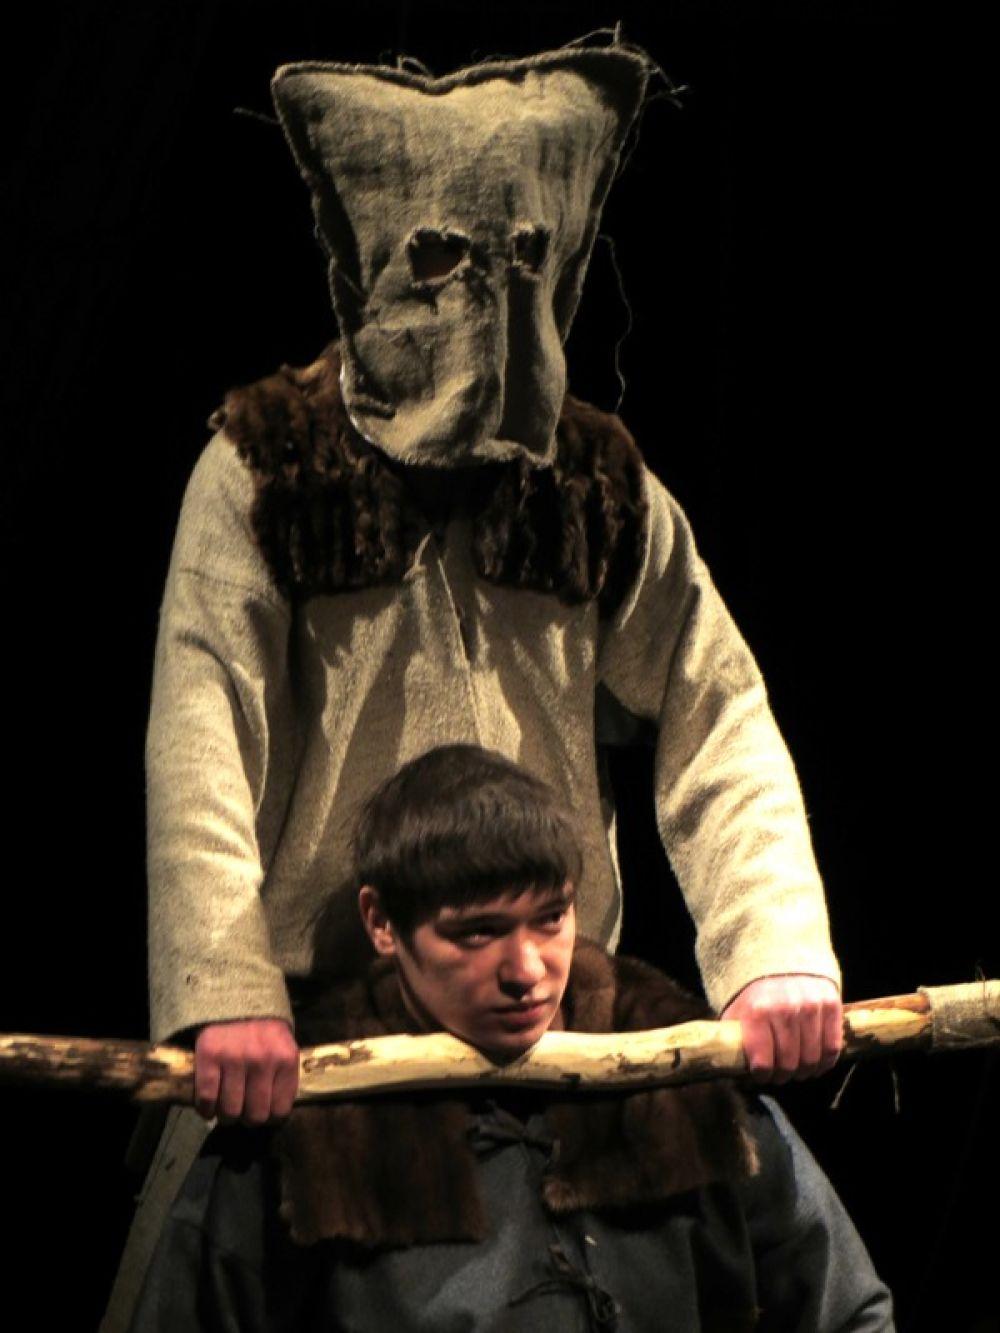 Все кровавые сцены, которых в легенде много, режиссер умело заменил театром теней и кукол.